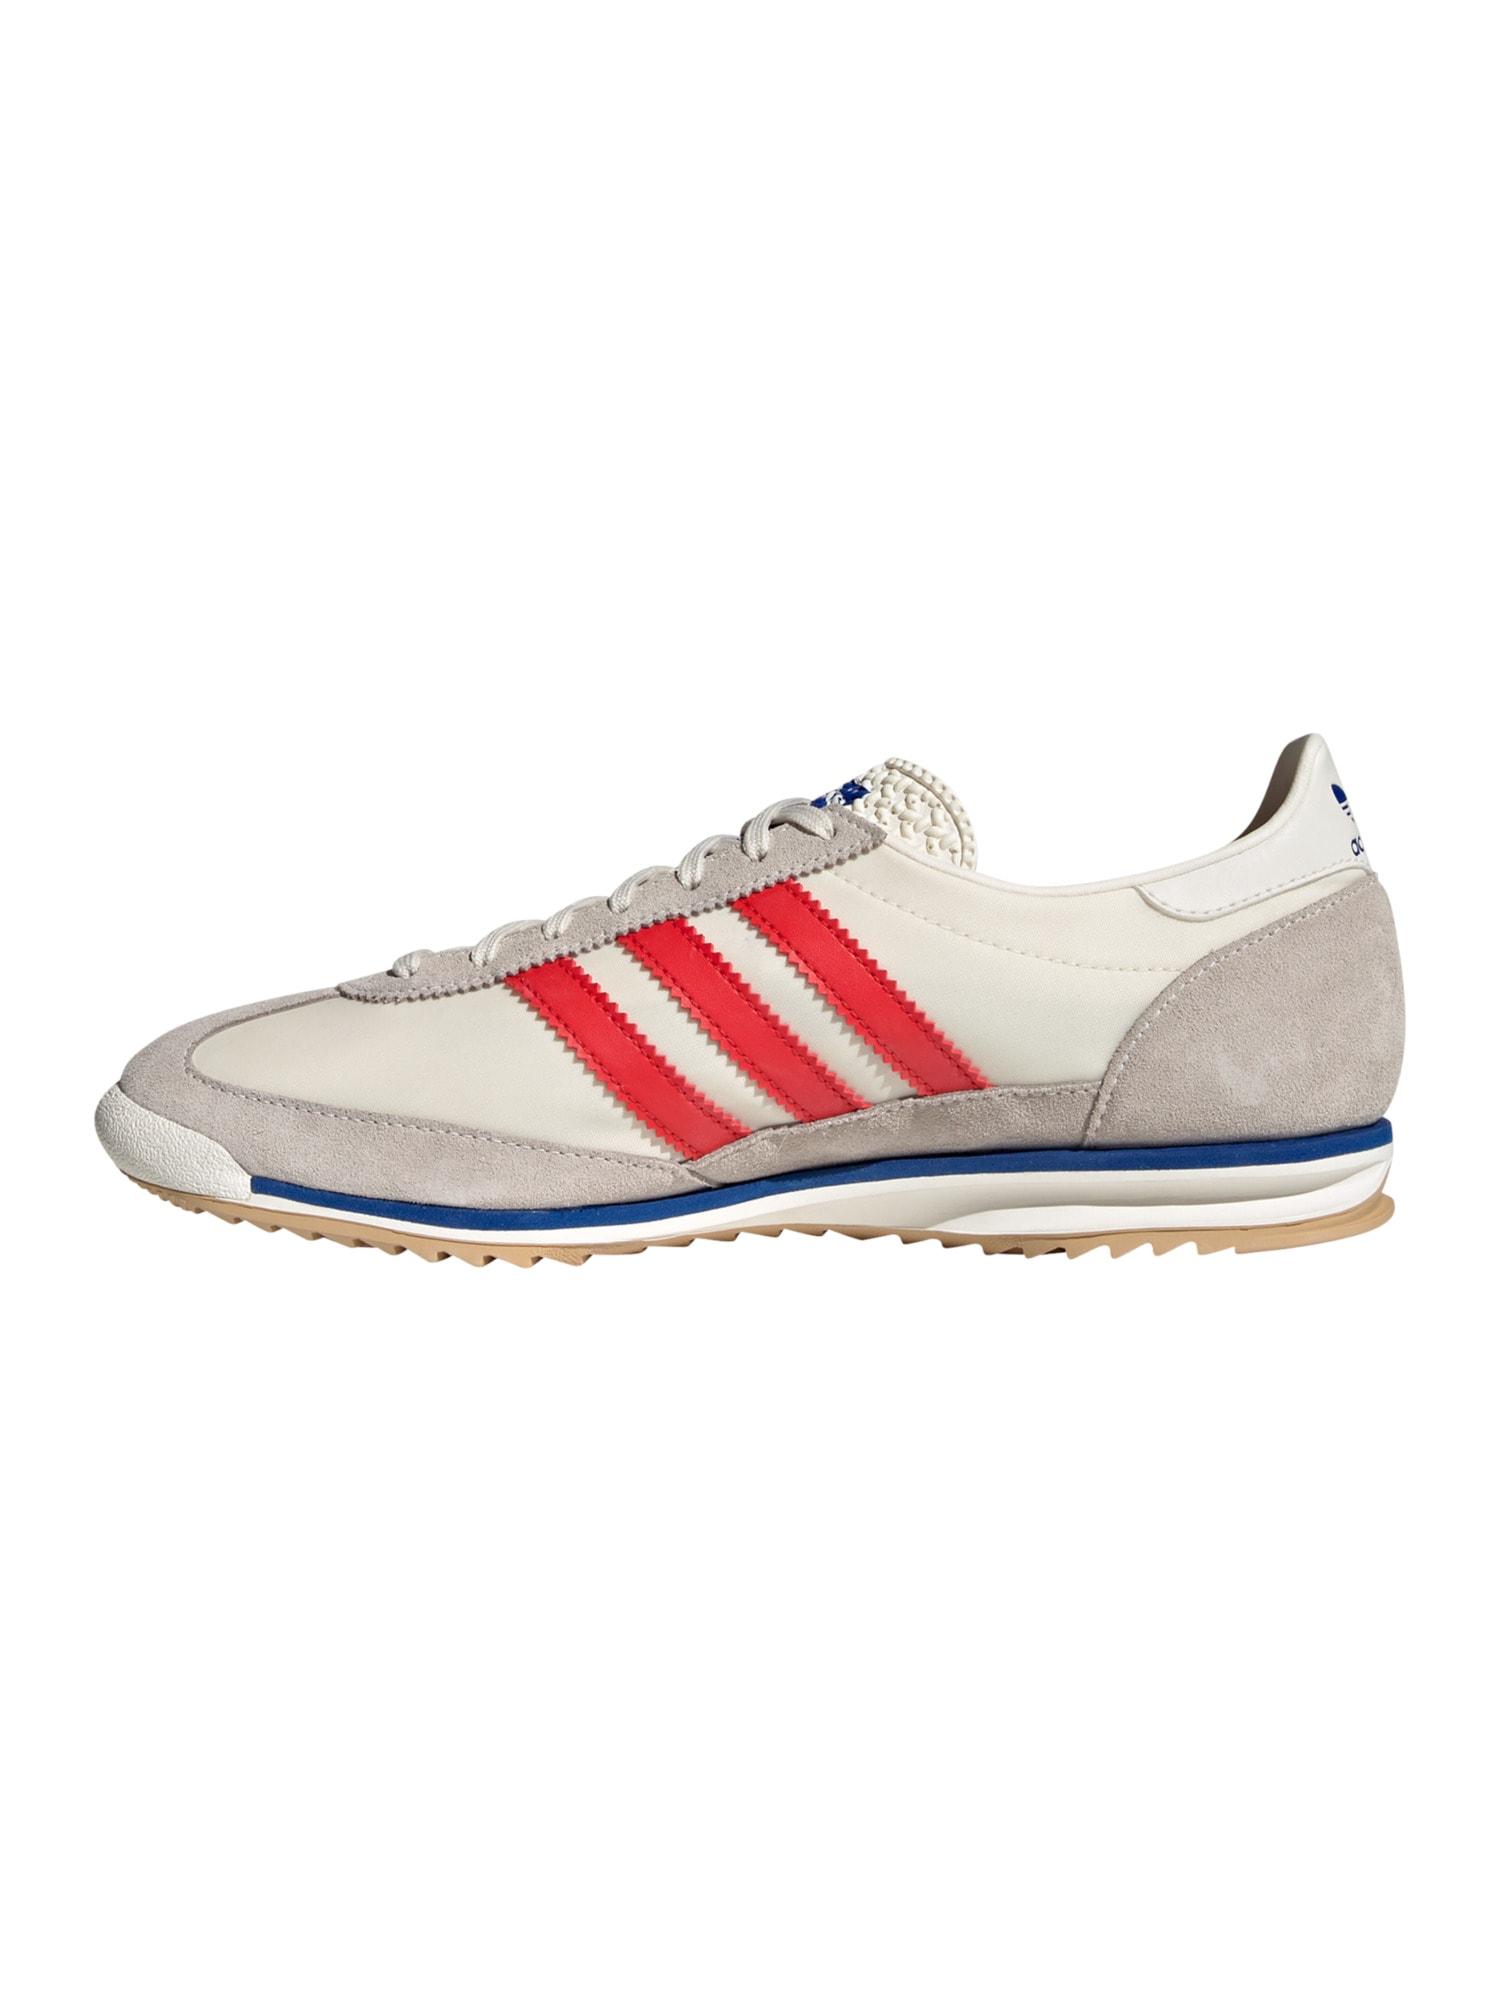 ADIDAS ORIGINALS Tenisky  bílá / červená / šedá / modrá